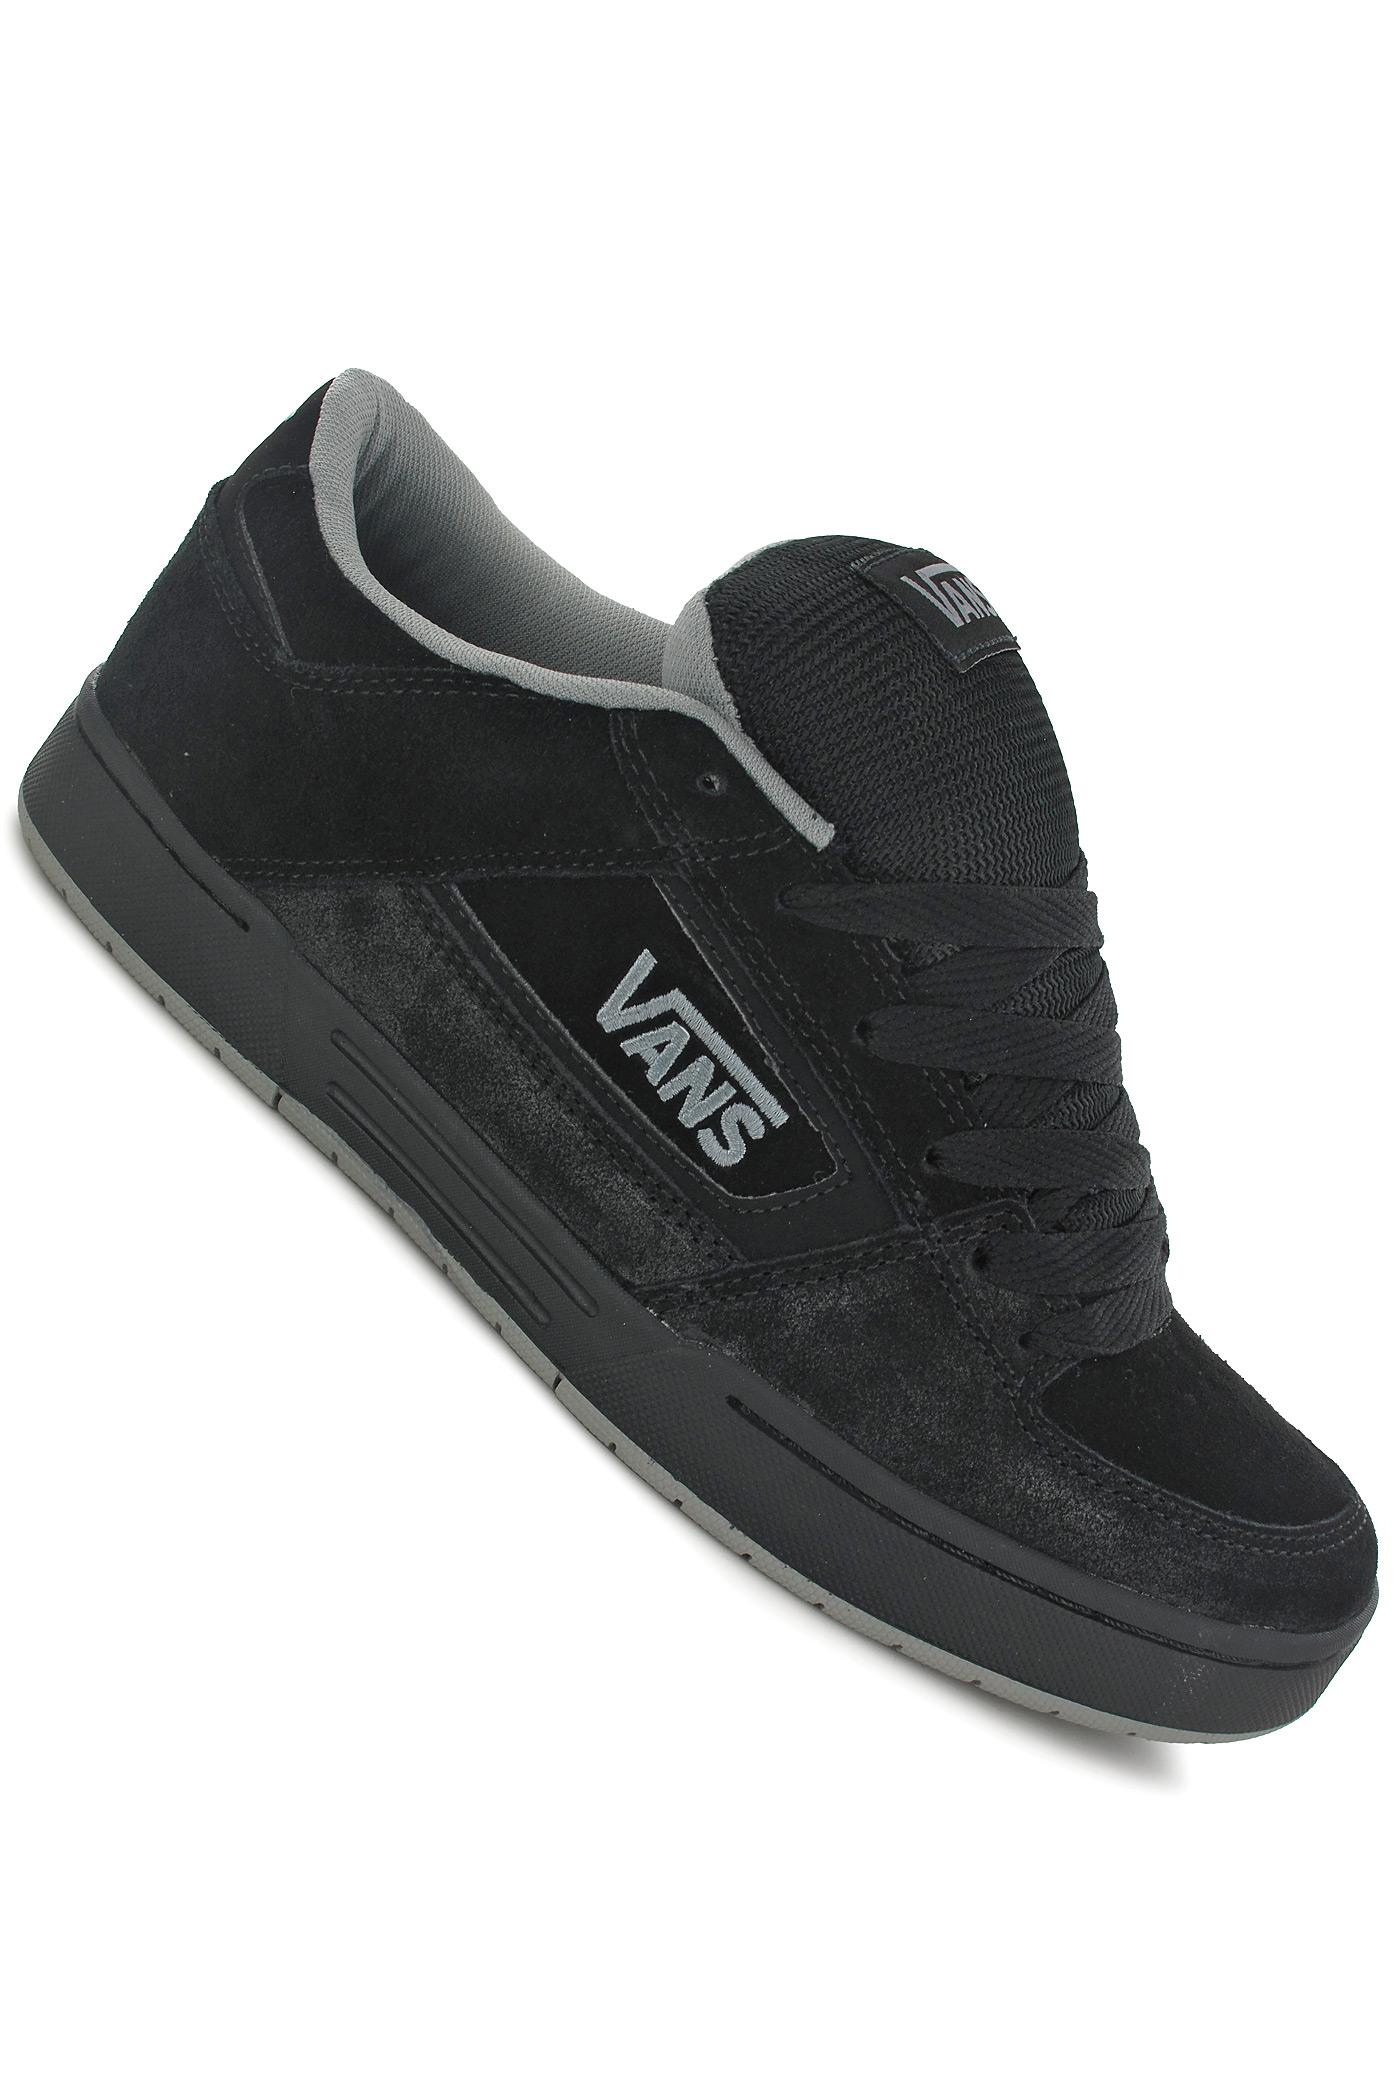 vans homme churchill Shop Clothing & Shoes Online